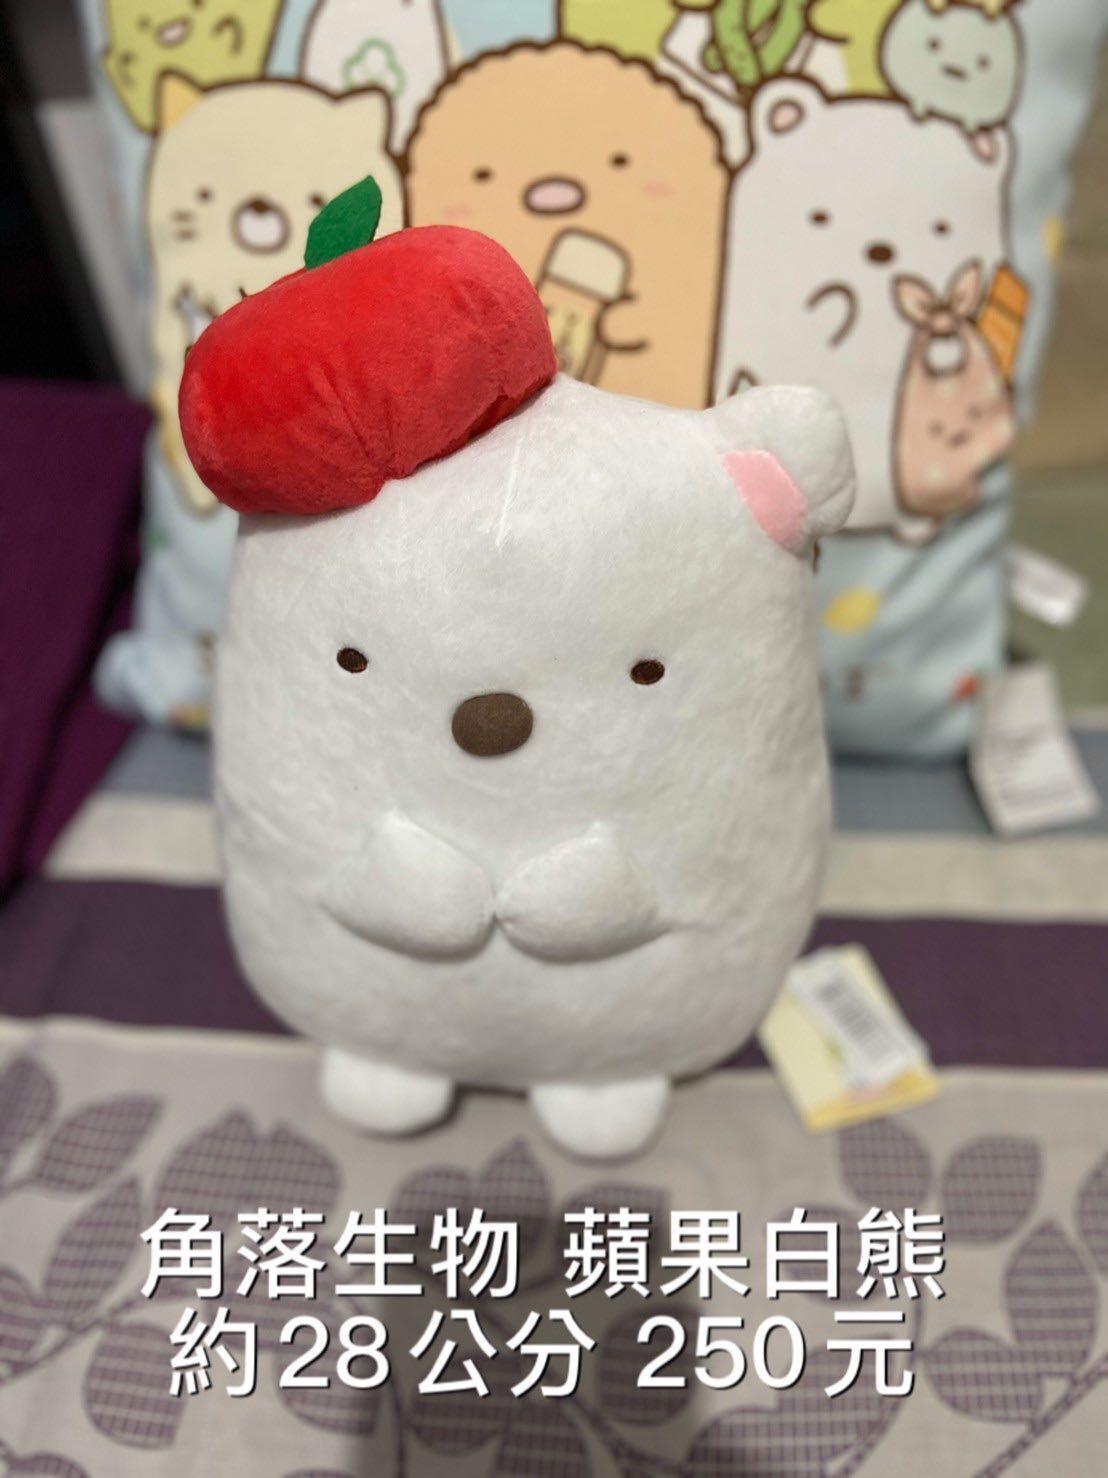 《正版雷射貼》中型 角落生物 蘋果帽白熊 娃娃